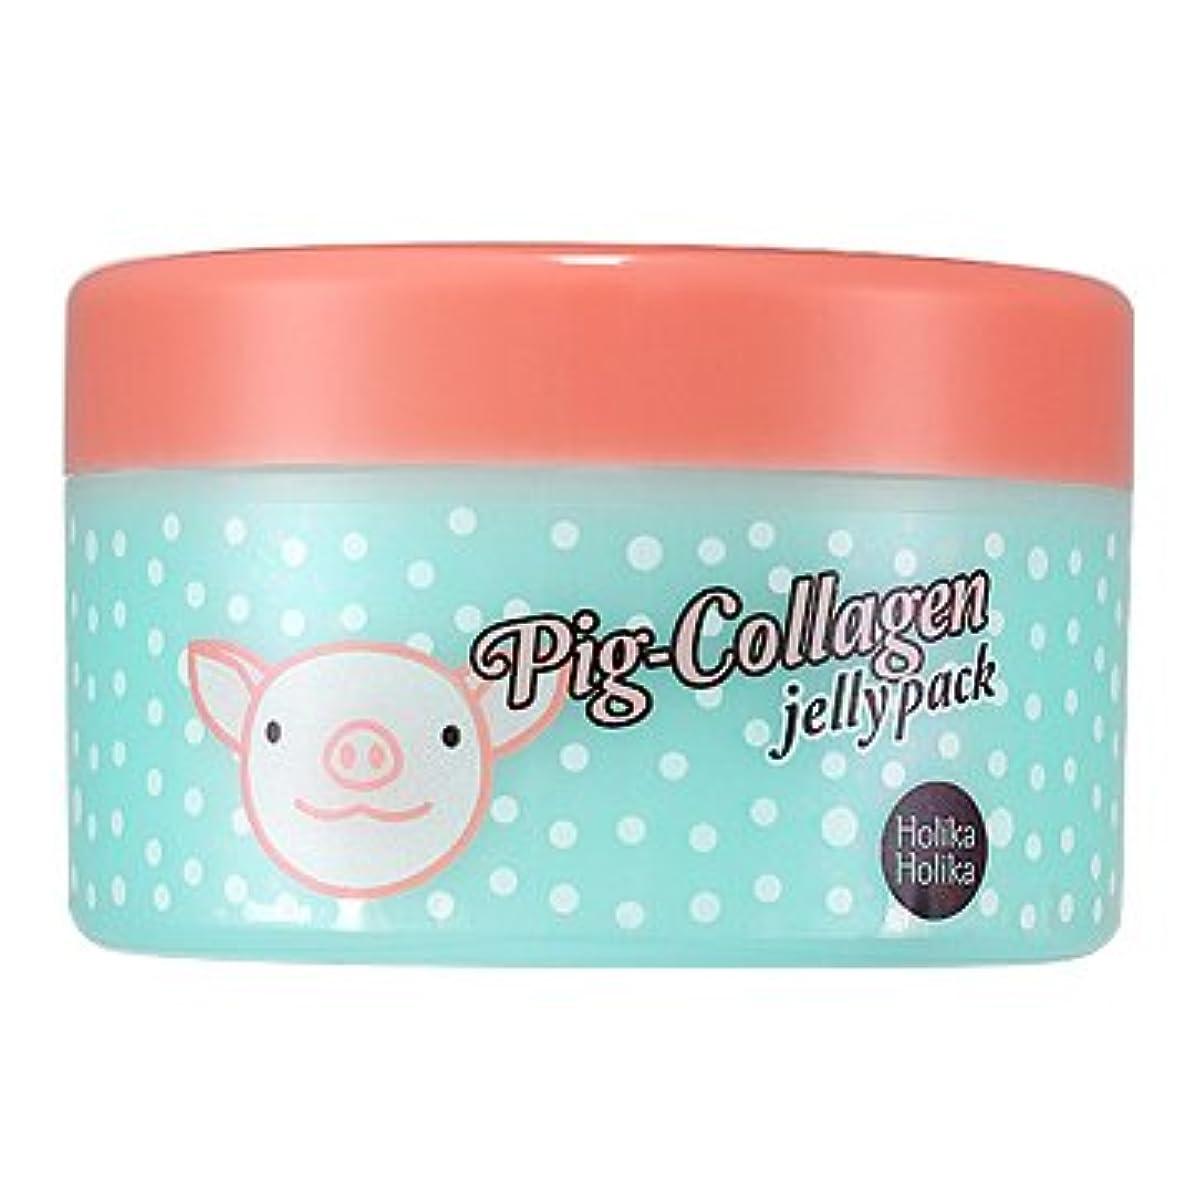 火薬読書アウターホリカホリカ ピッグコラーゲンジェリーパック(リンクルケア) / HolikaHolika Pig Collagen Jelly Pack 80g [並行輸入品]